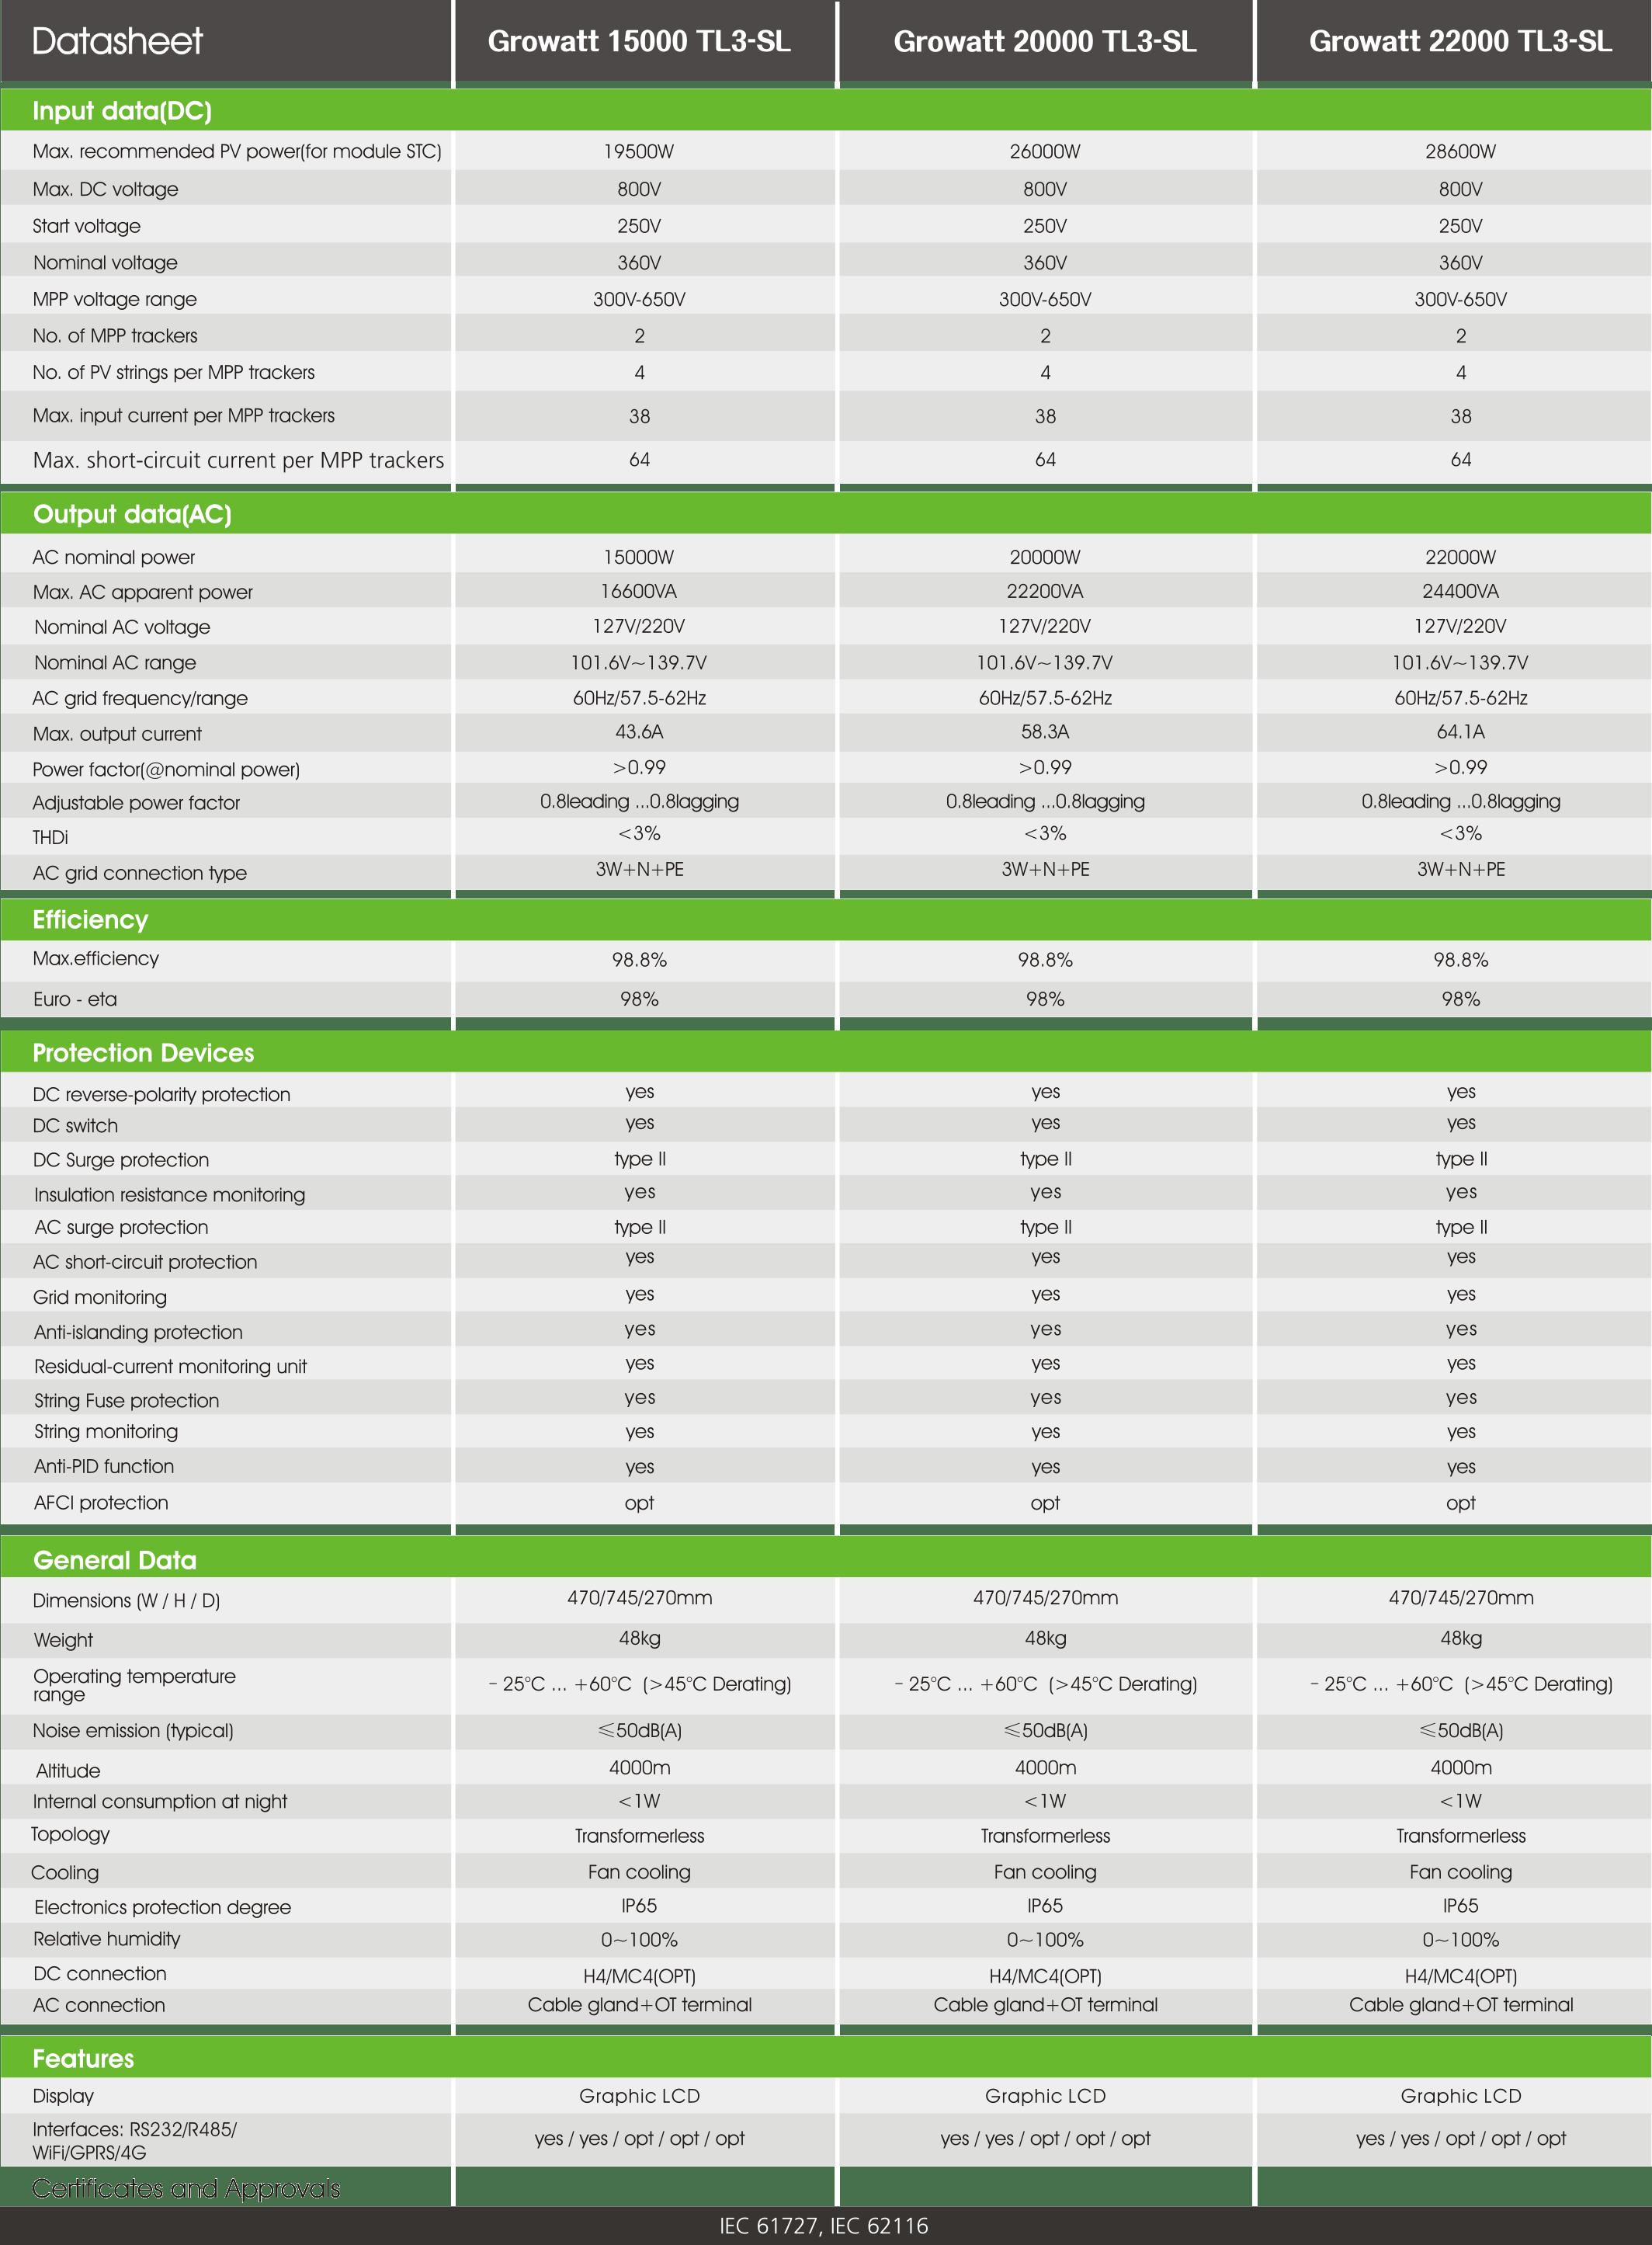 Growatt 15000-22000 Tl3-Sl PDF | Sernolux.com